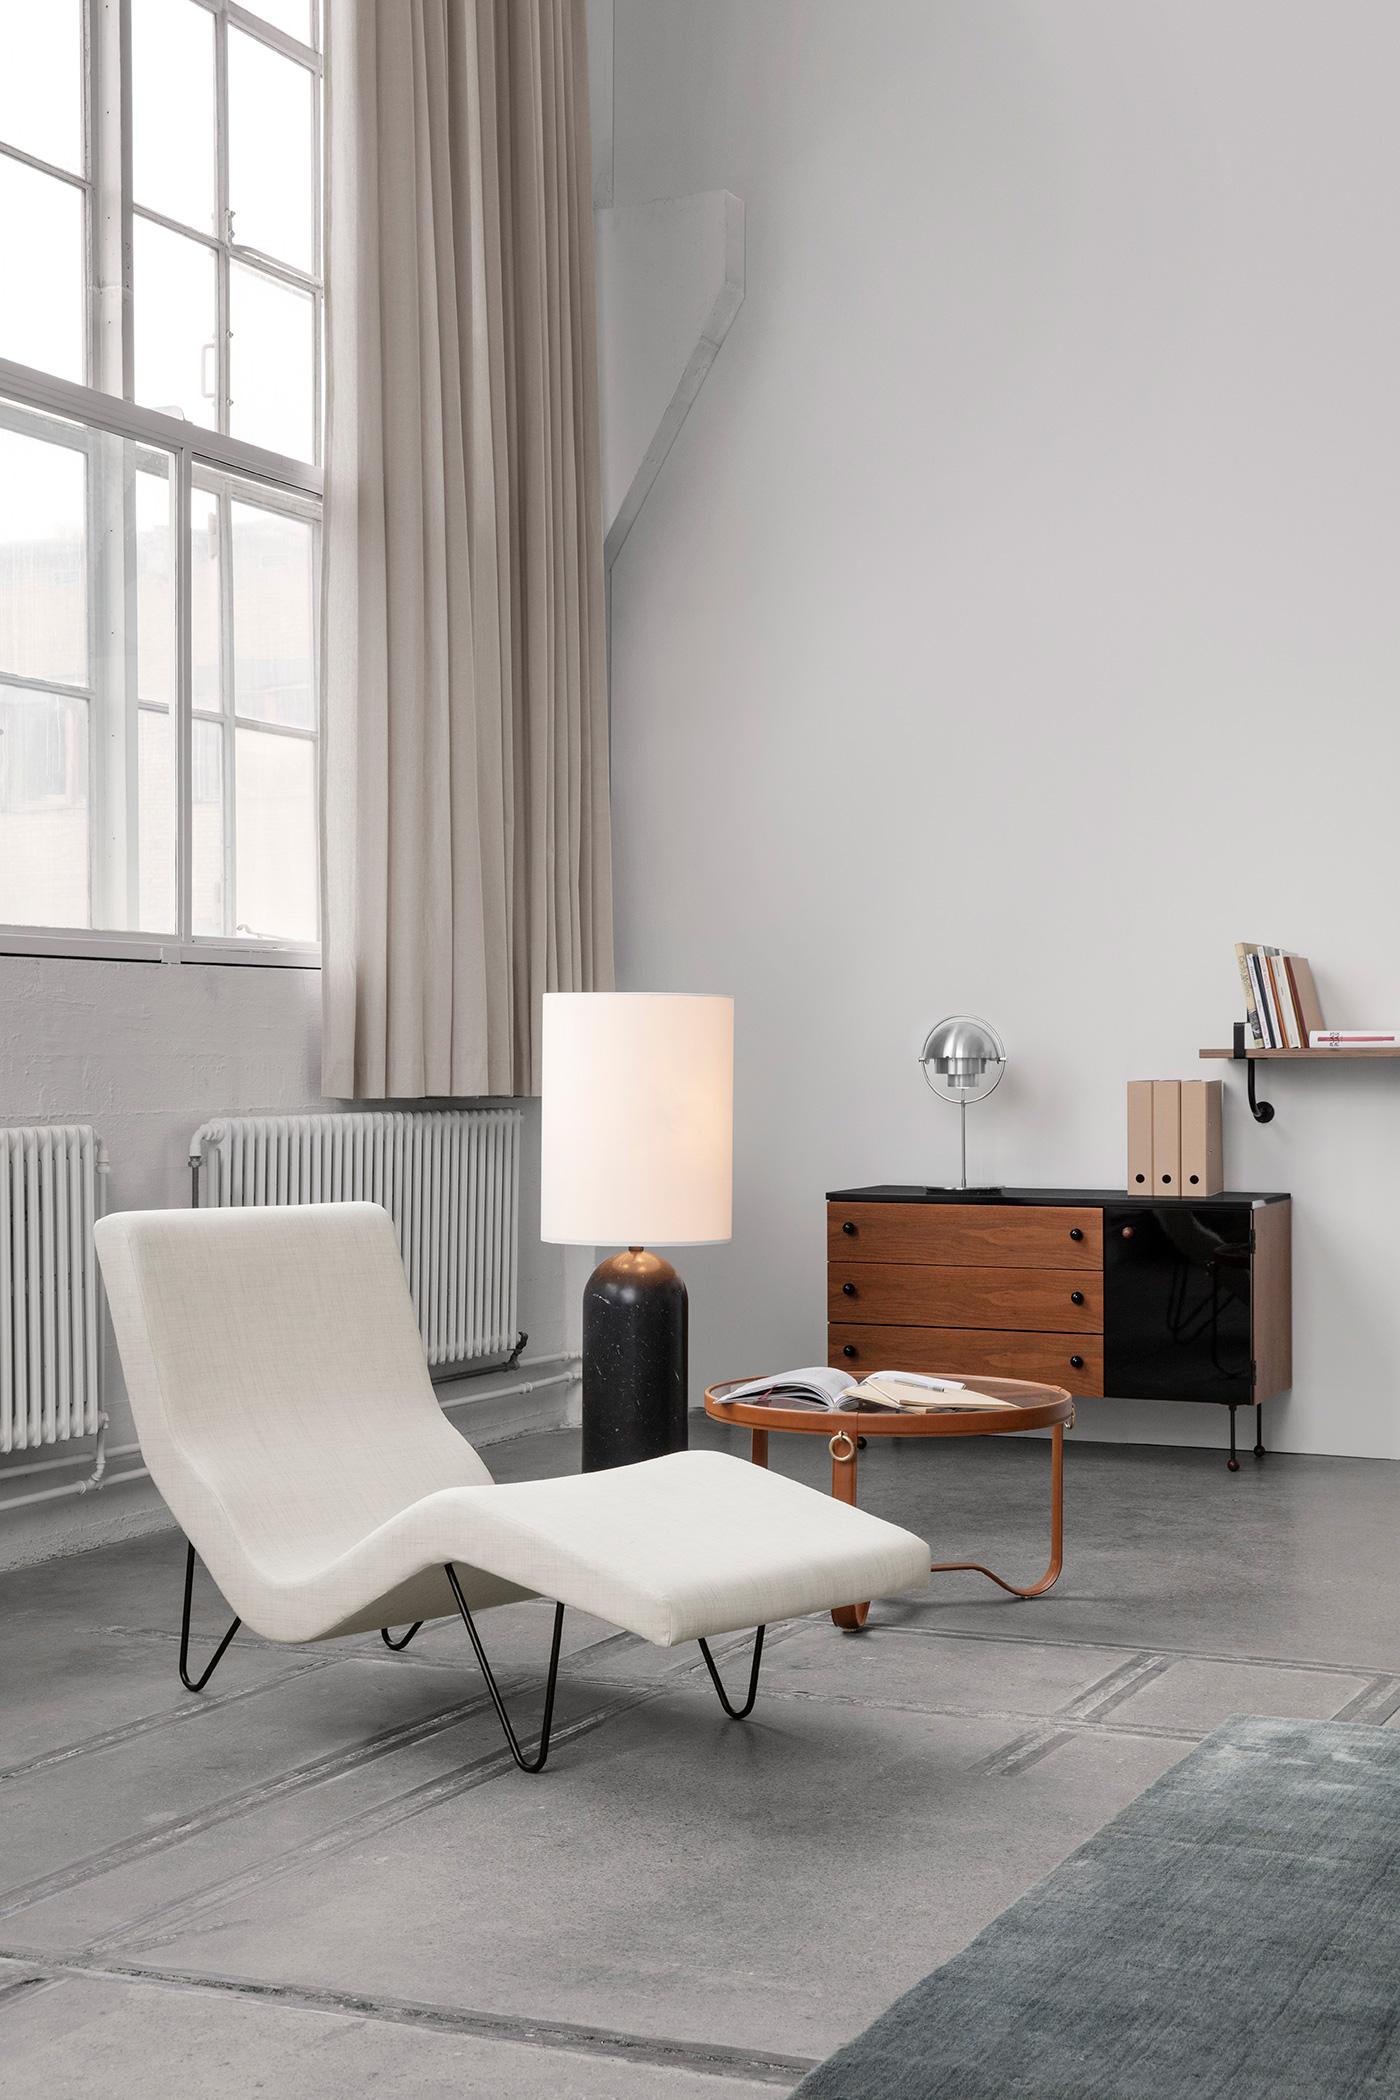 TinnappleMetz-Gubi-GMG-Chaise-lounge-04